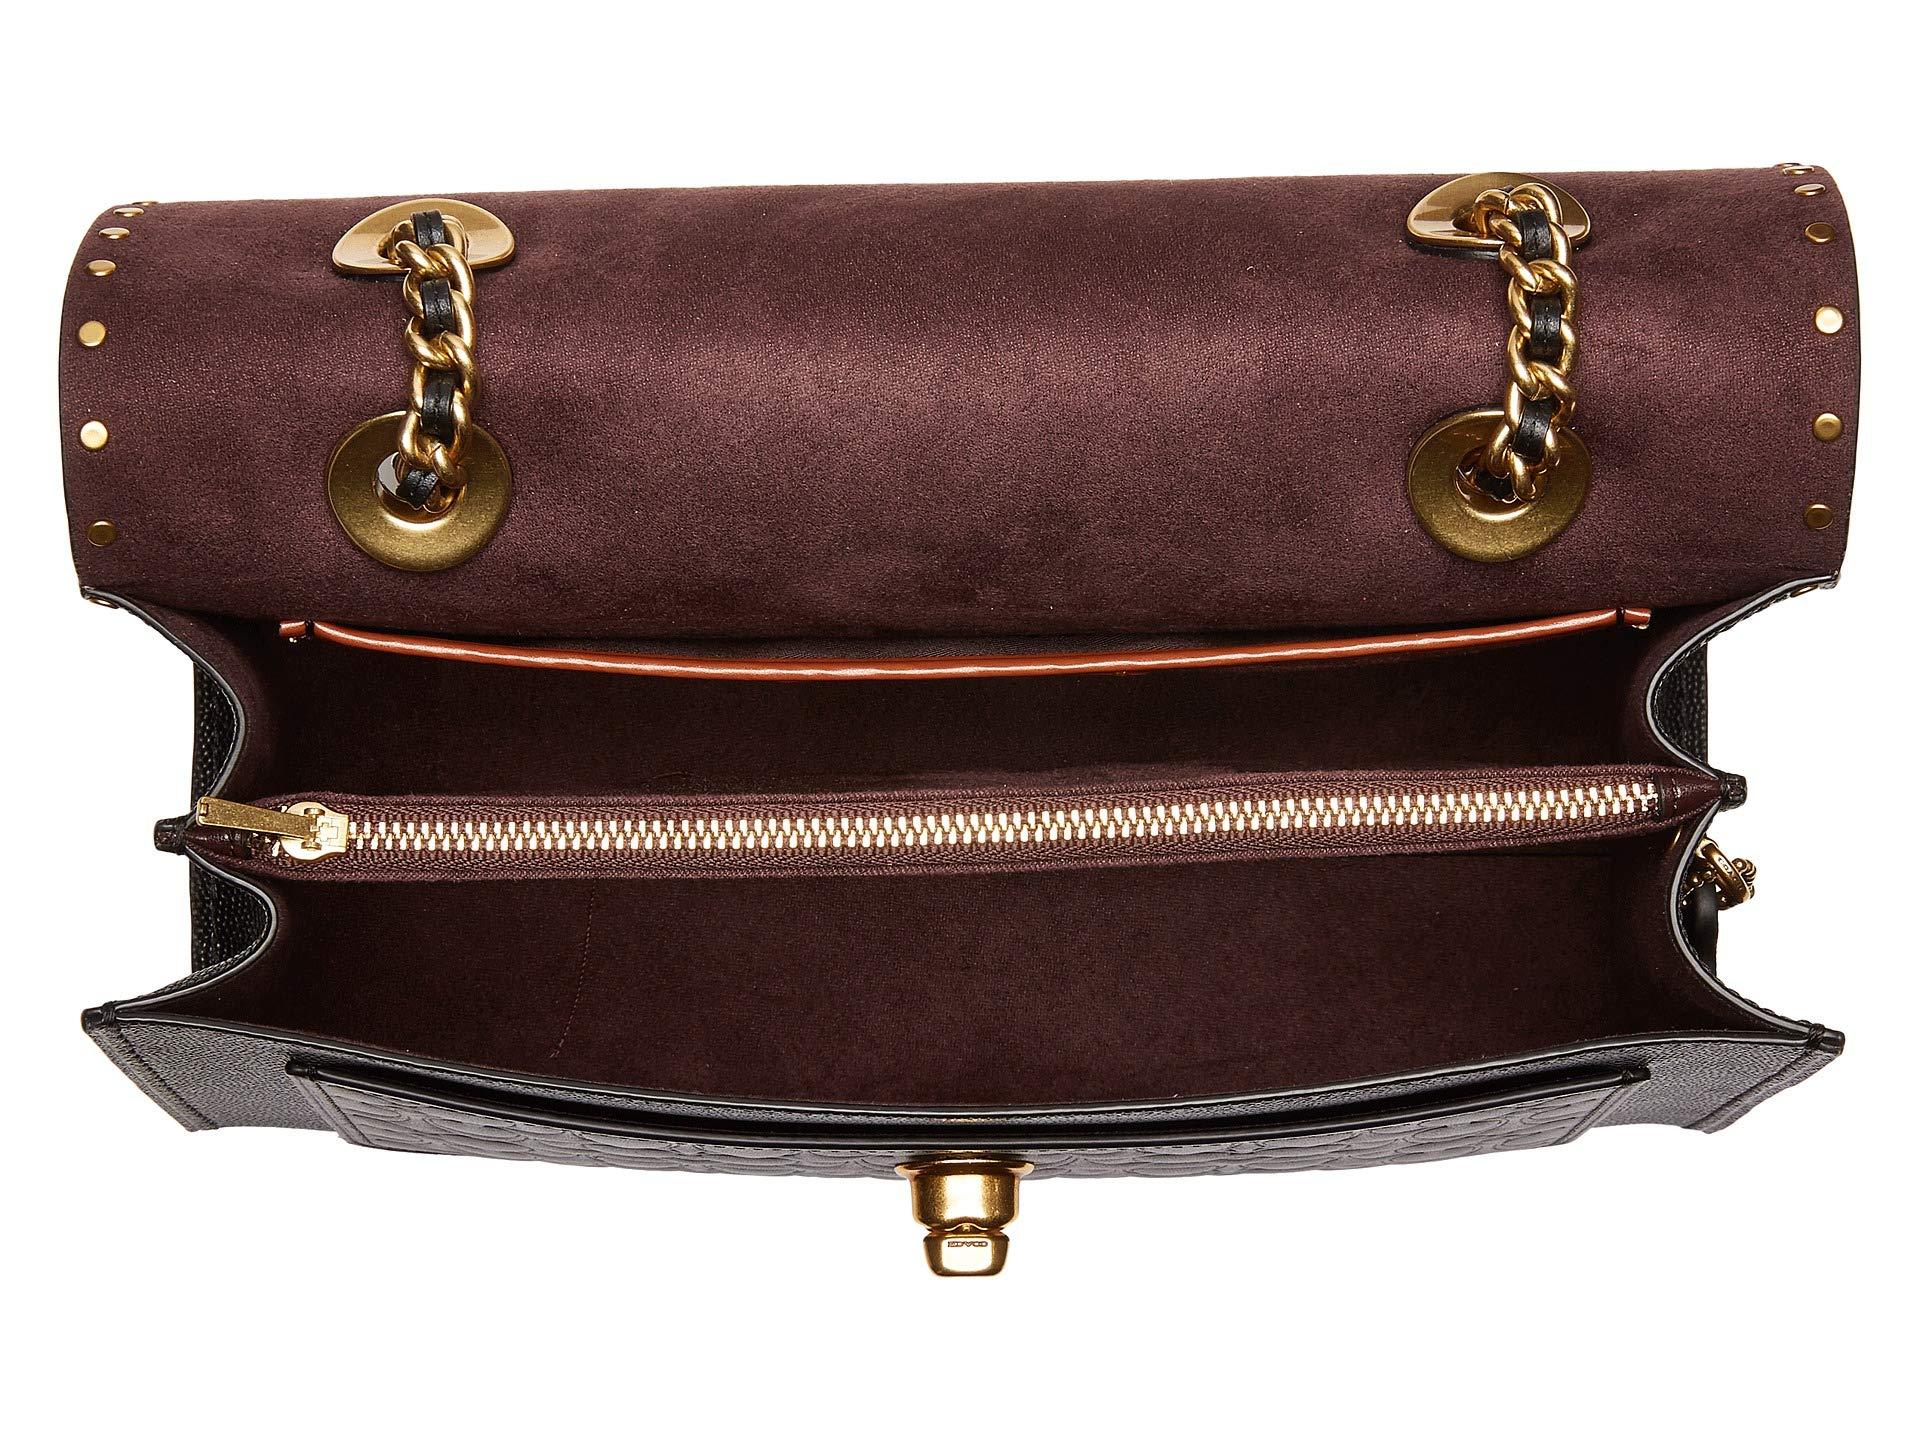 c93364897e9 Bag brass Signure Block Parker Color Shoulder Black Handbags With Grain  Coach Leher 8wd4xqBBv